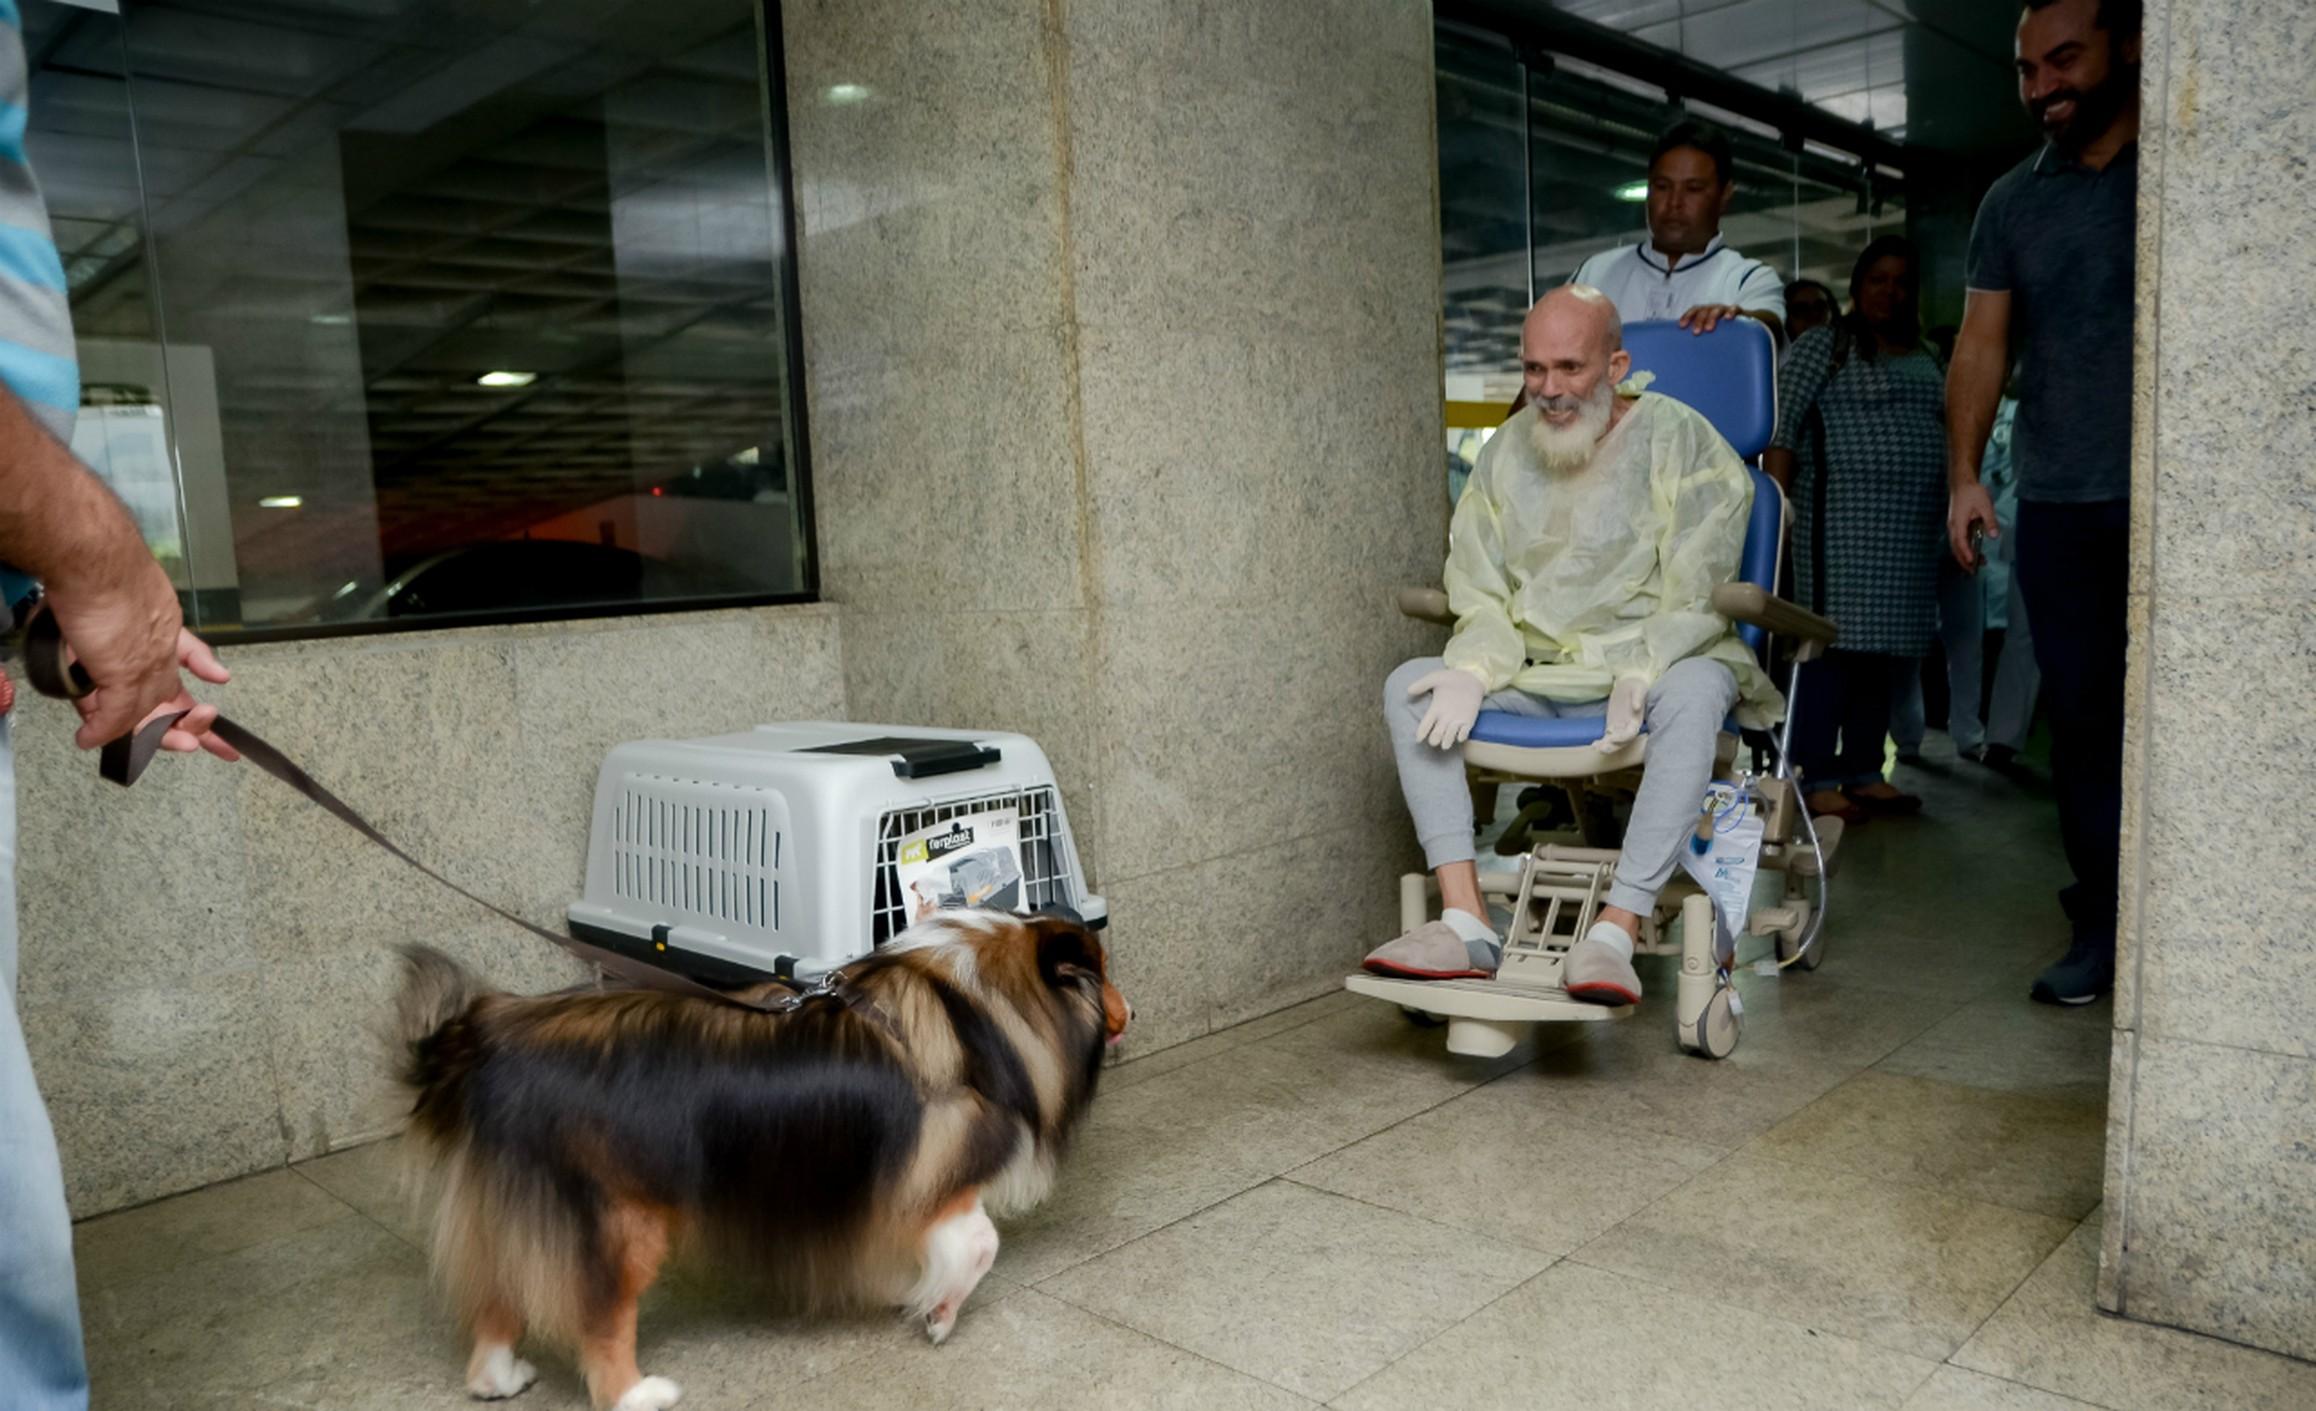 Paciente câncer melhora visita cãozinho surpreende médicos